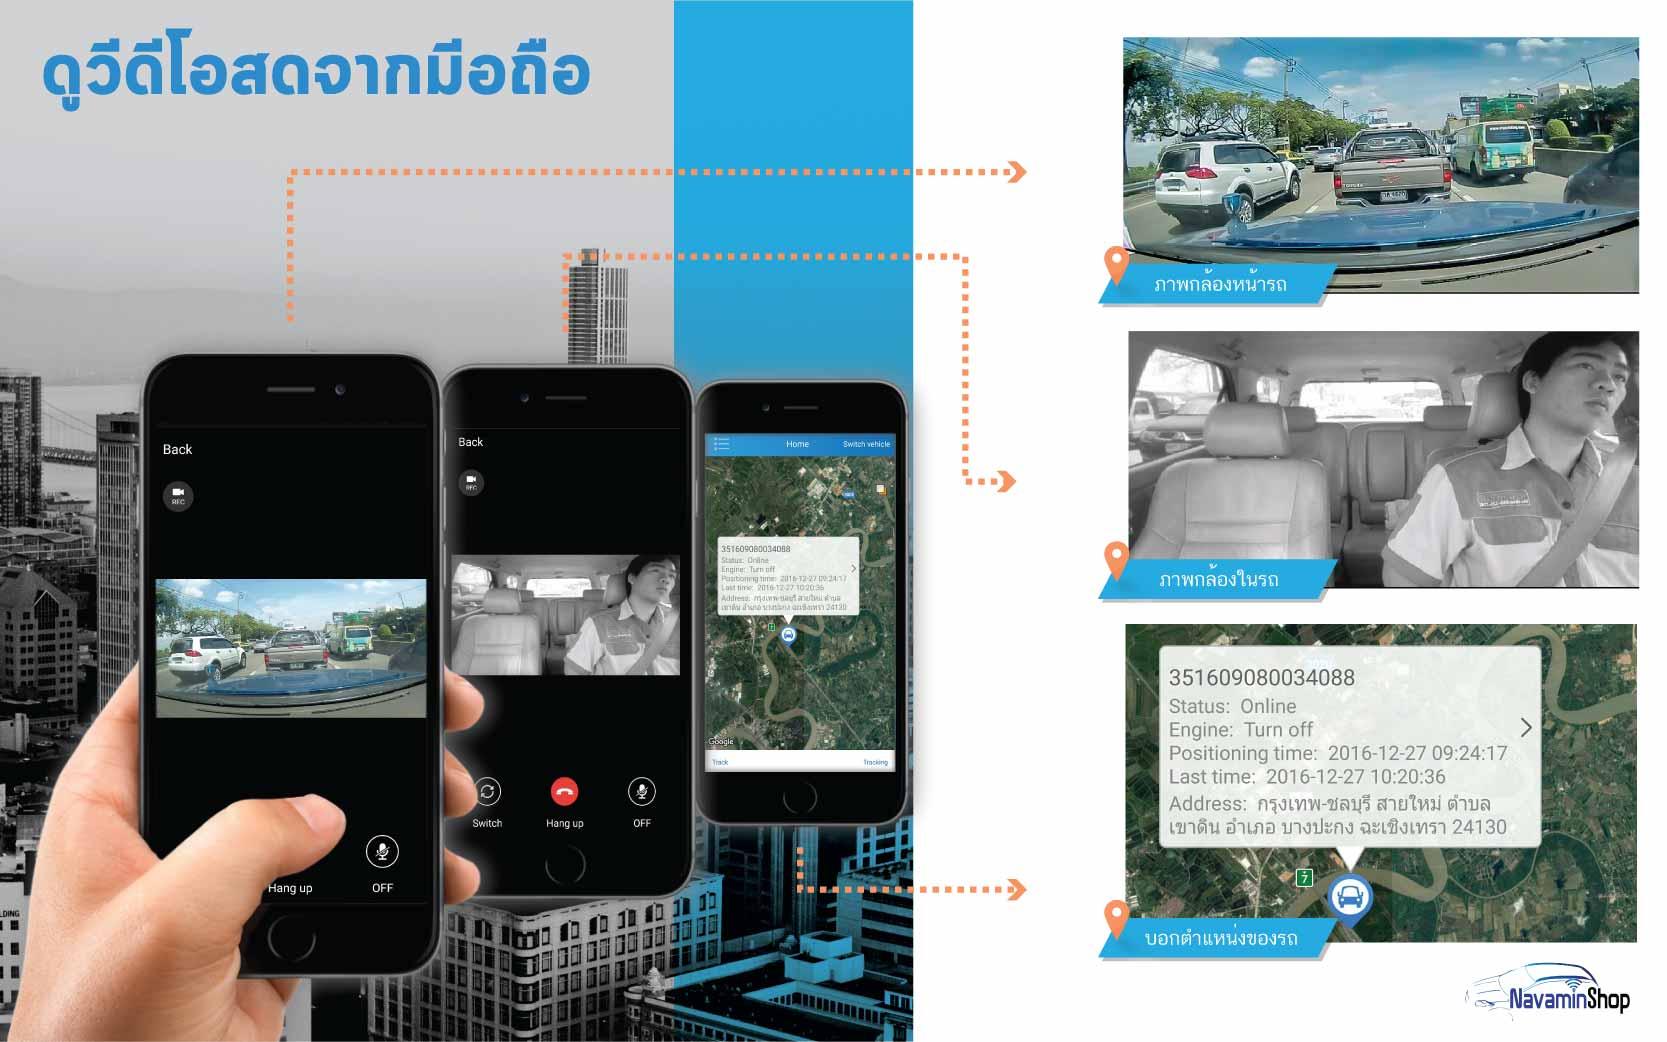 กล้องติดรถยต์3G TRACKER CCTV สามารถดูภาพสดแบเรียวไทม์ CCTV หรือจะสั่งถ่ายภาพจากมือถือ หรือจะเช็คตำแหน่งรถ สามาถทำจากมือถือของเราได้อย่างง่ายดาย  หมดยุคกลับกล้องติดรถยยนต์แบบเดิมๆ  ไม่ต้องถอดเมอรี่ออกมาดูย้อนหลังให้เสียเวลา